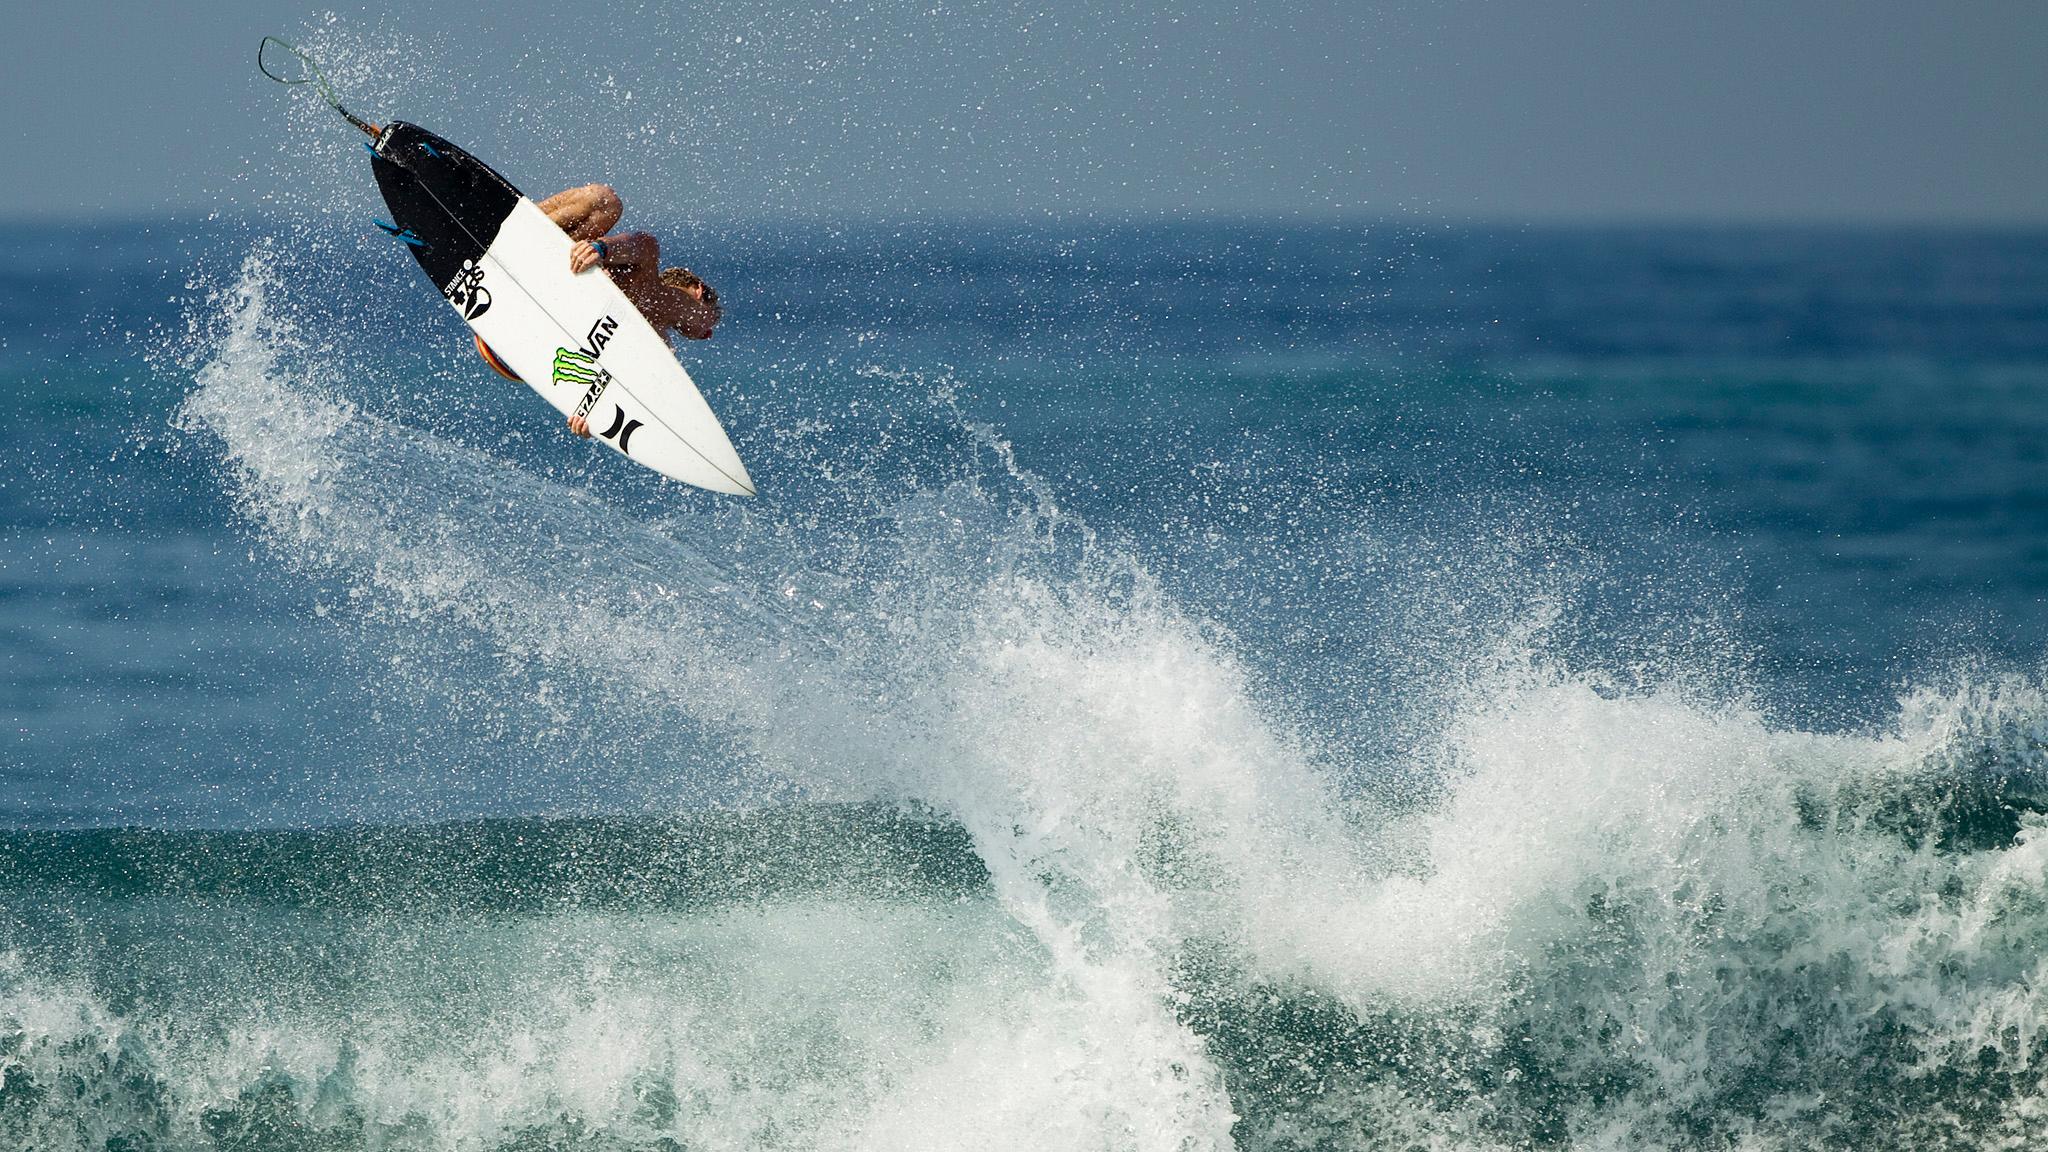 Surfer john john